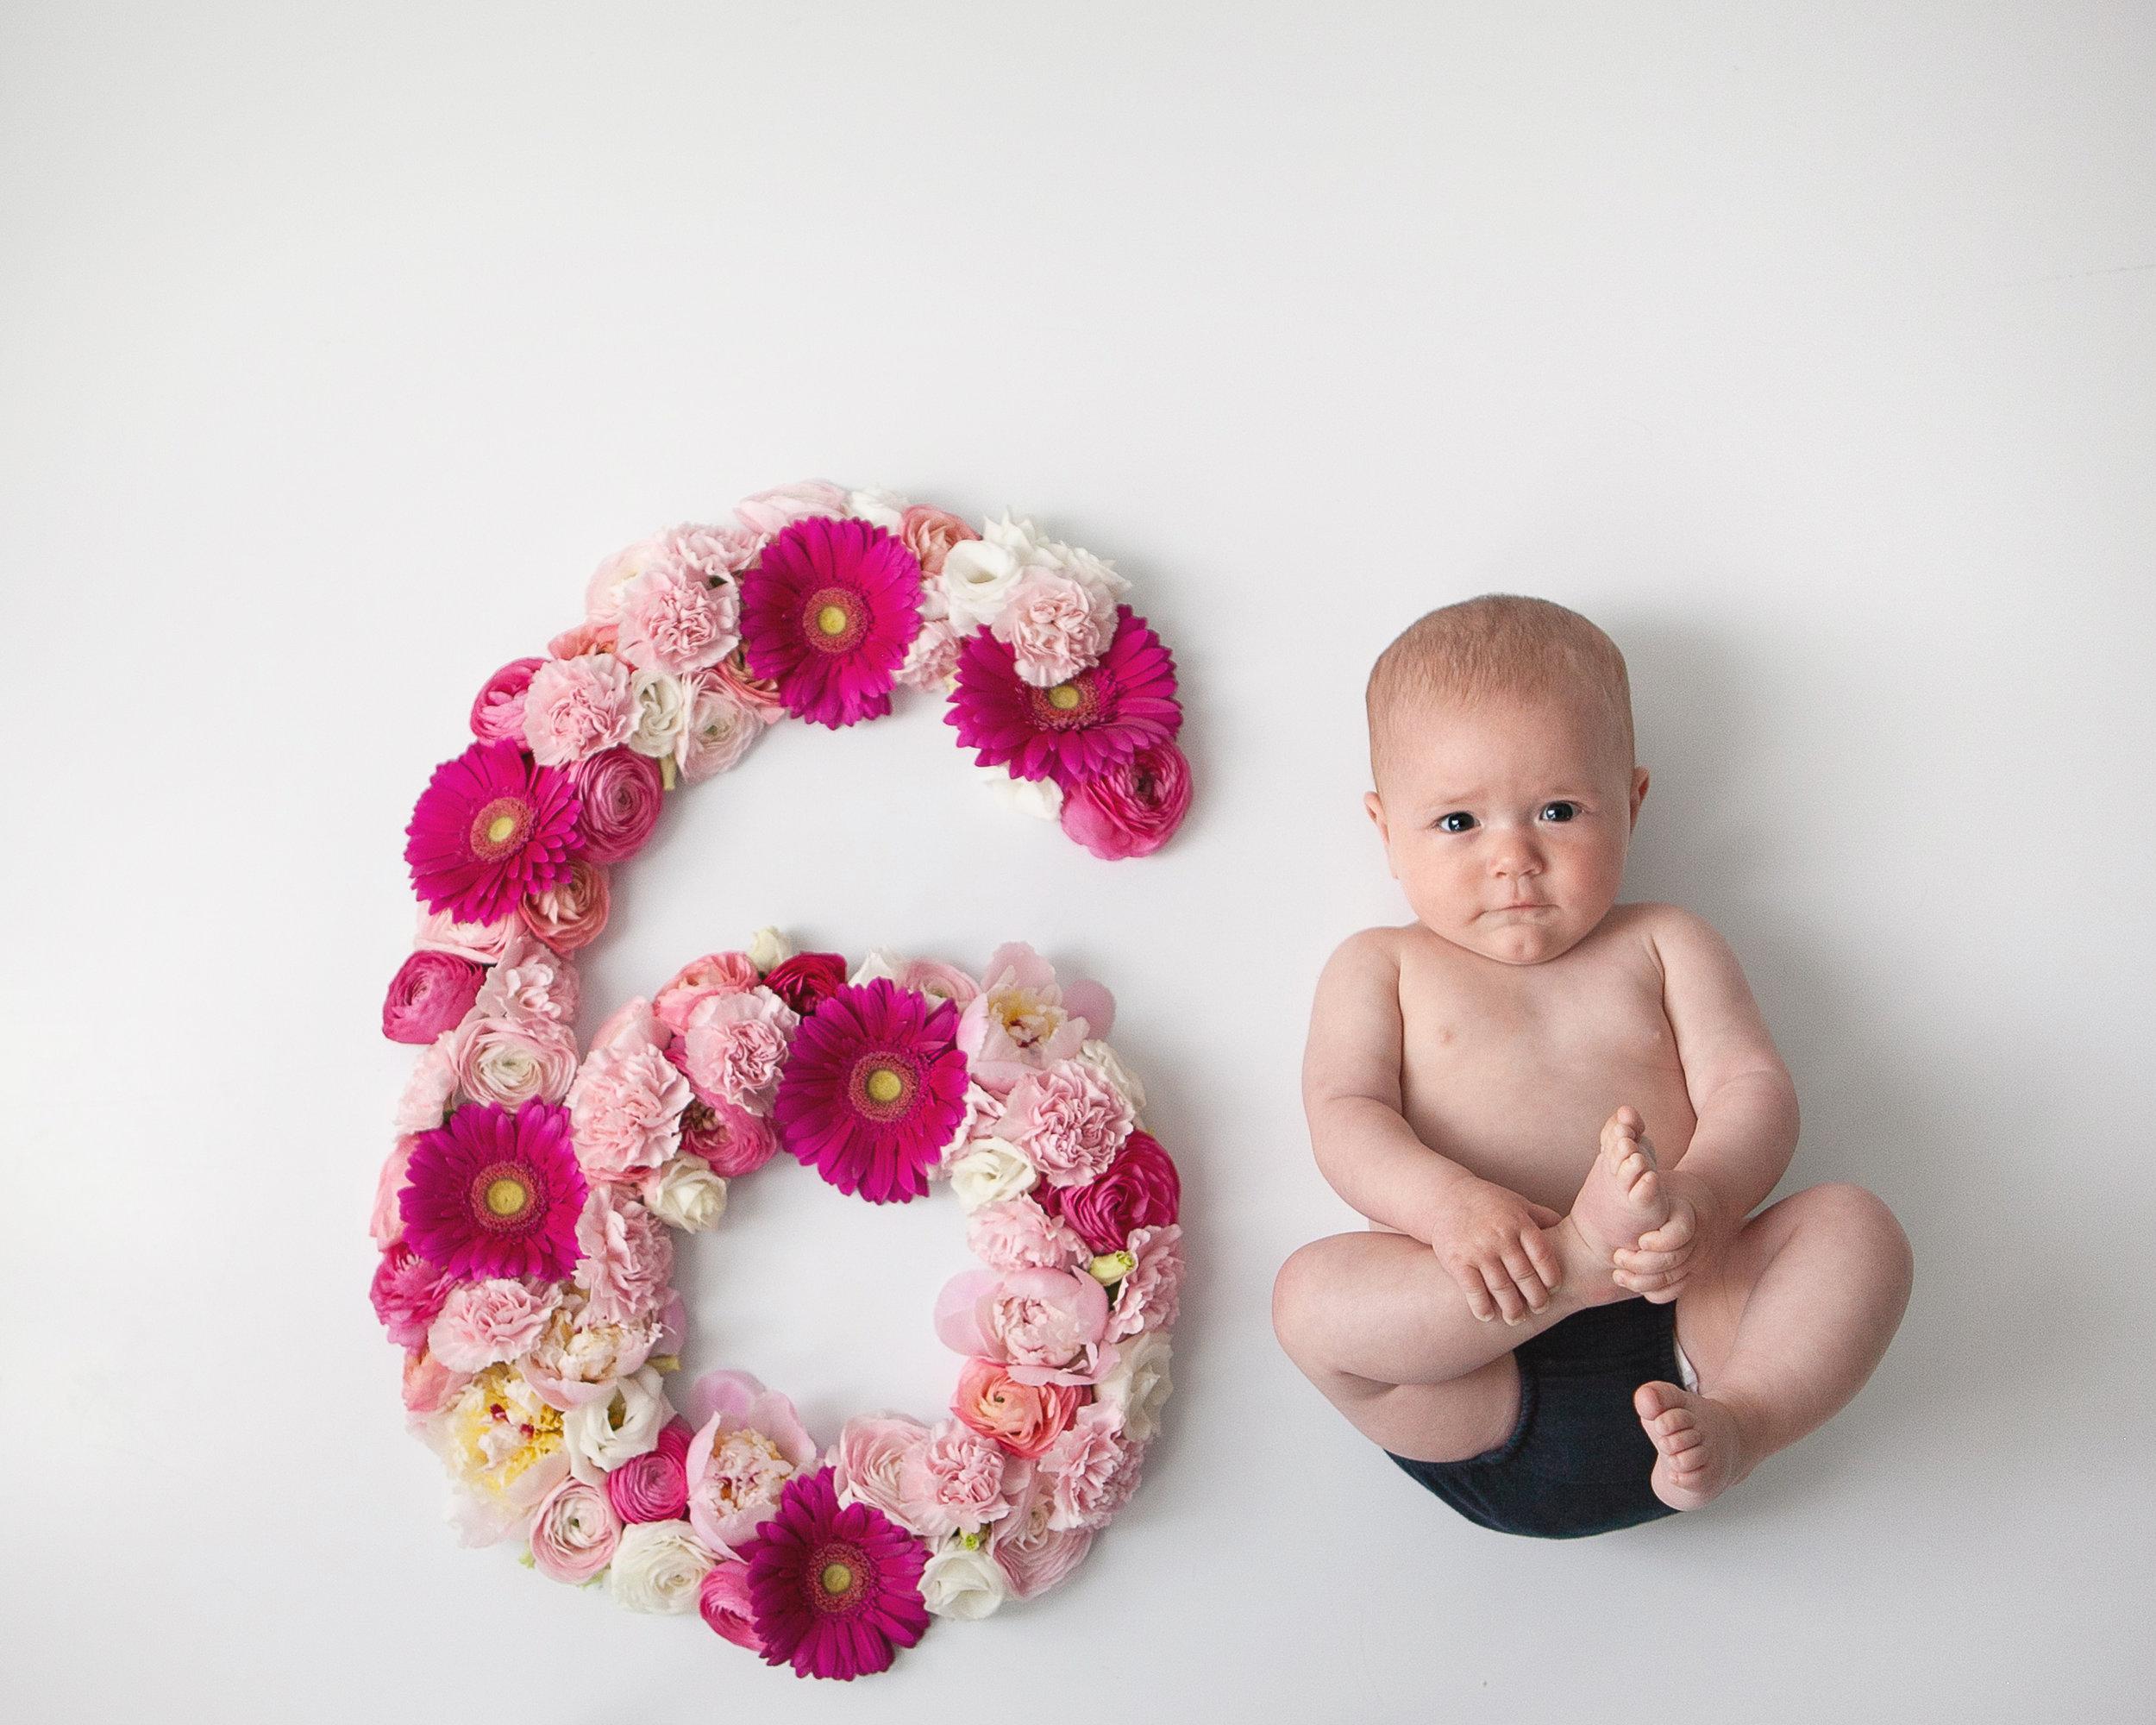 Styled_Floral_Milestone_Oshawa_Baby_Photographer_Petra_King_Photography